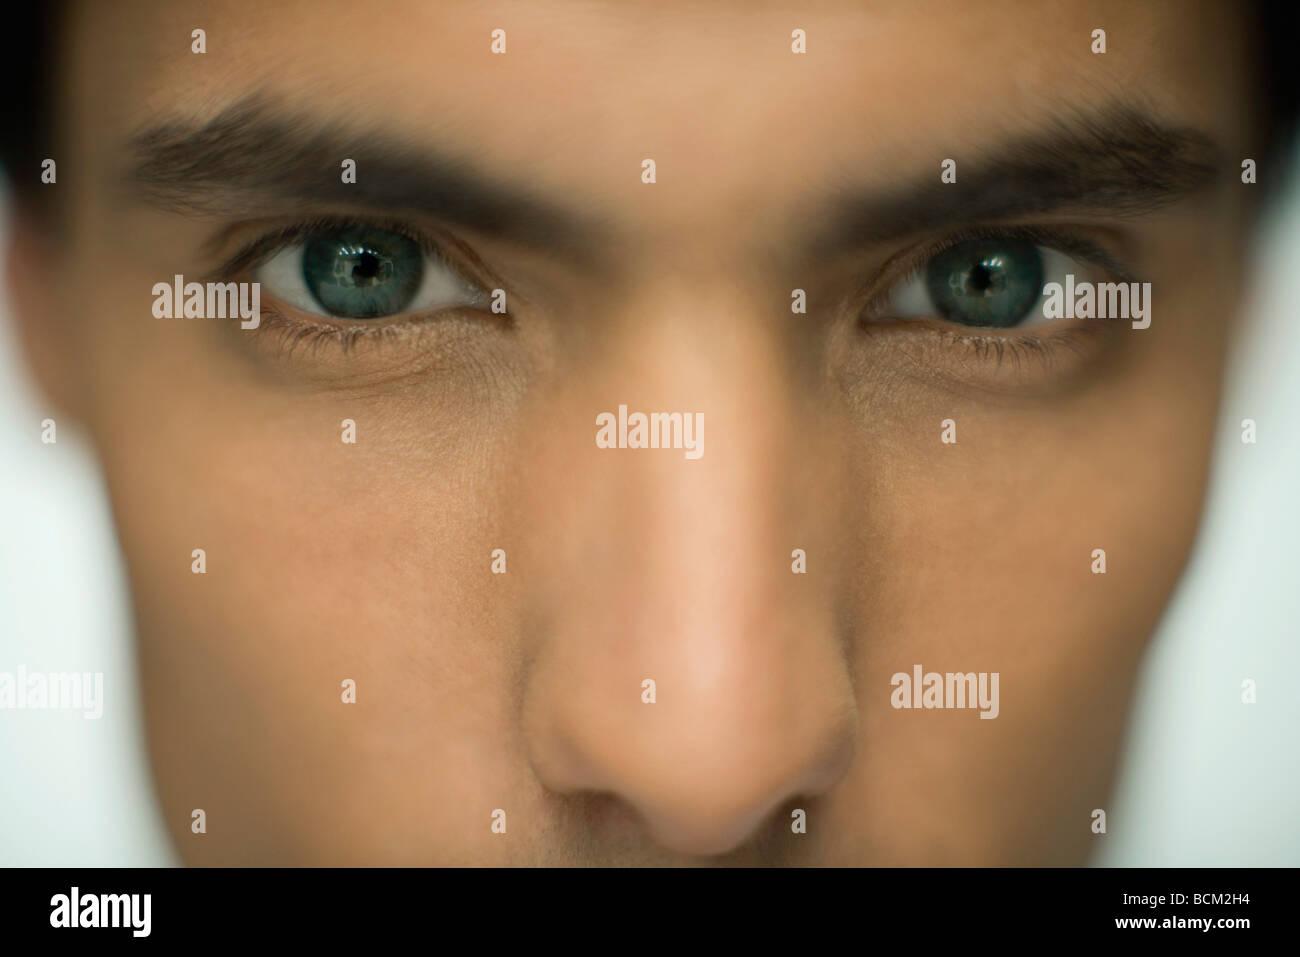 L'uomo fissando la telecamera, extreme close-up Immagini Stock